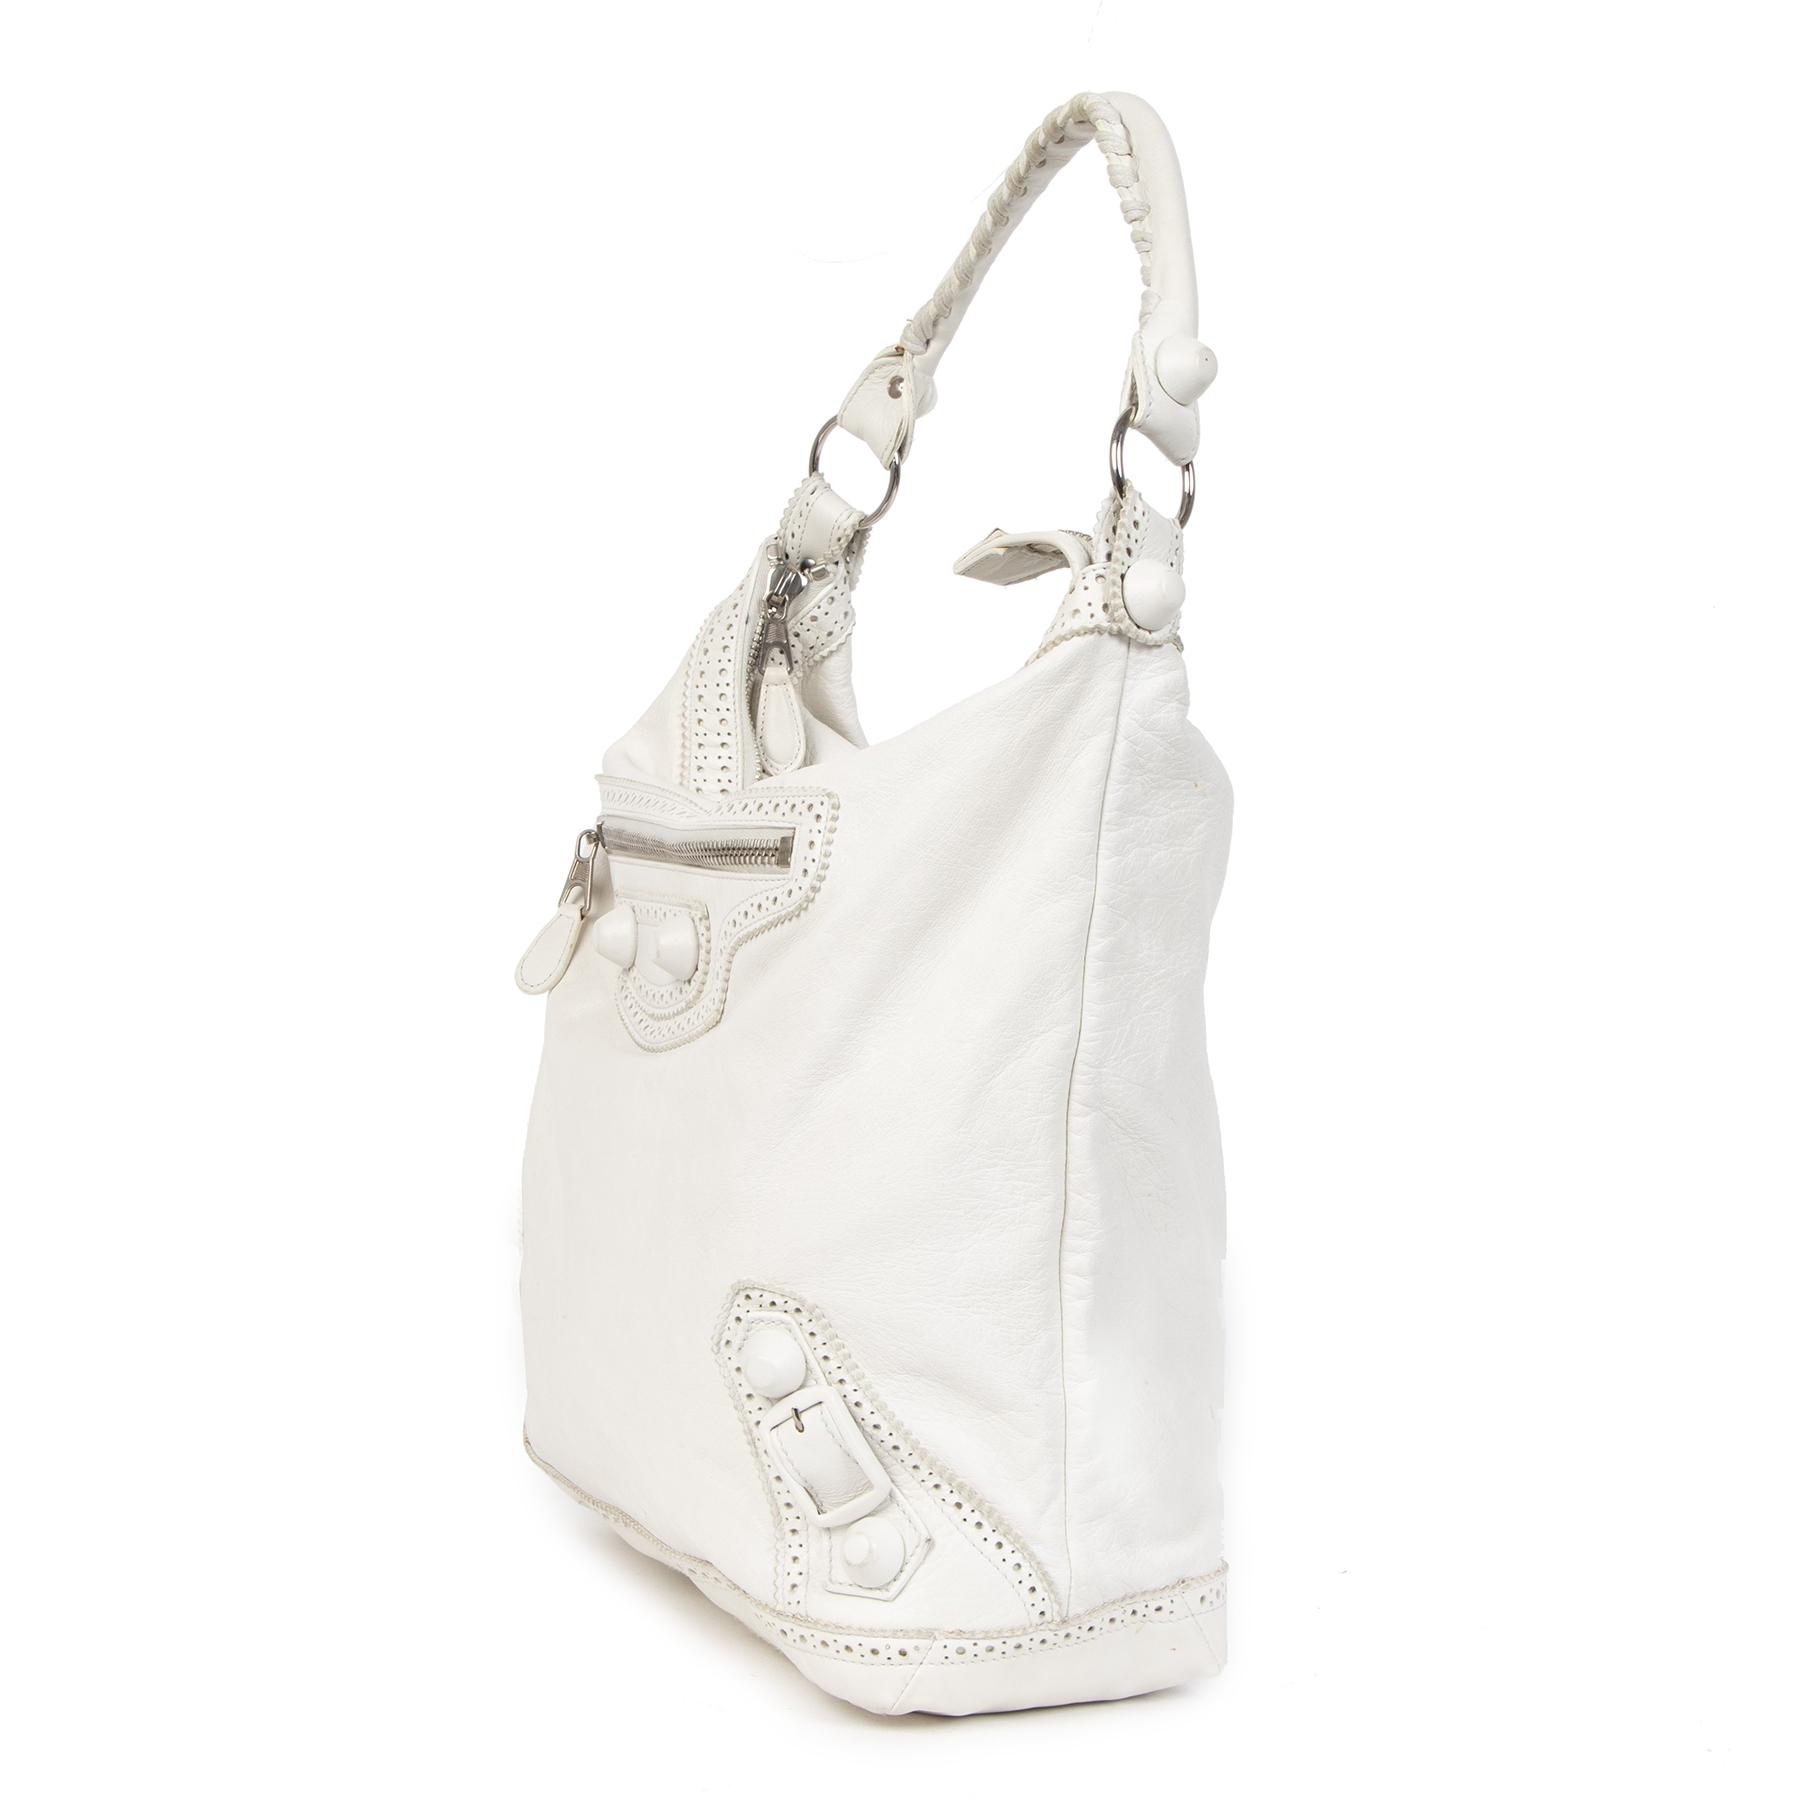 Koop en verkoop uw authentieke designer Balenciaga White Giant Day Bag online